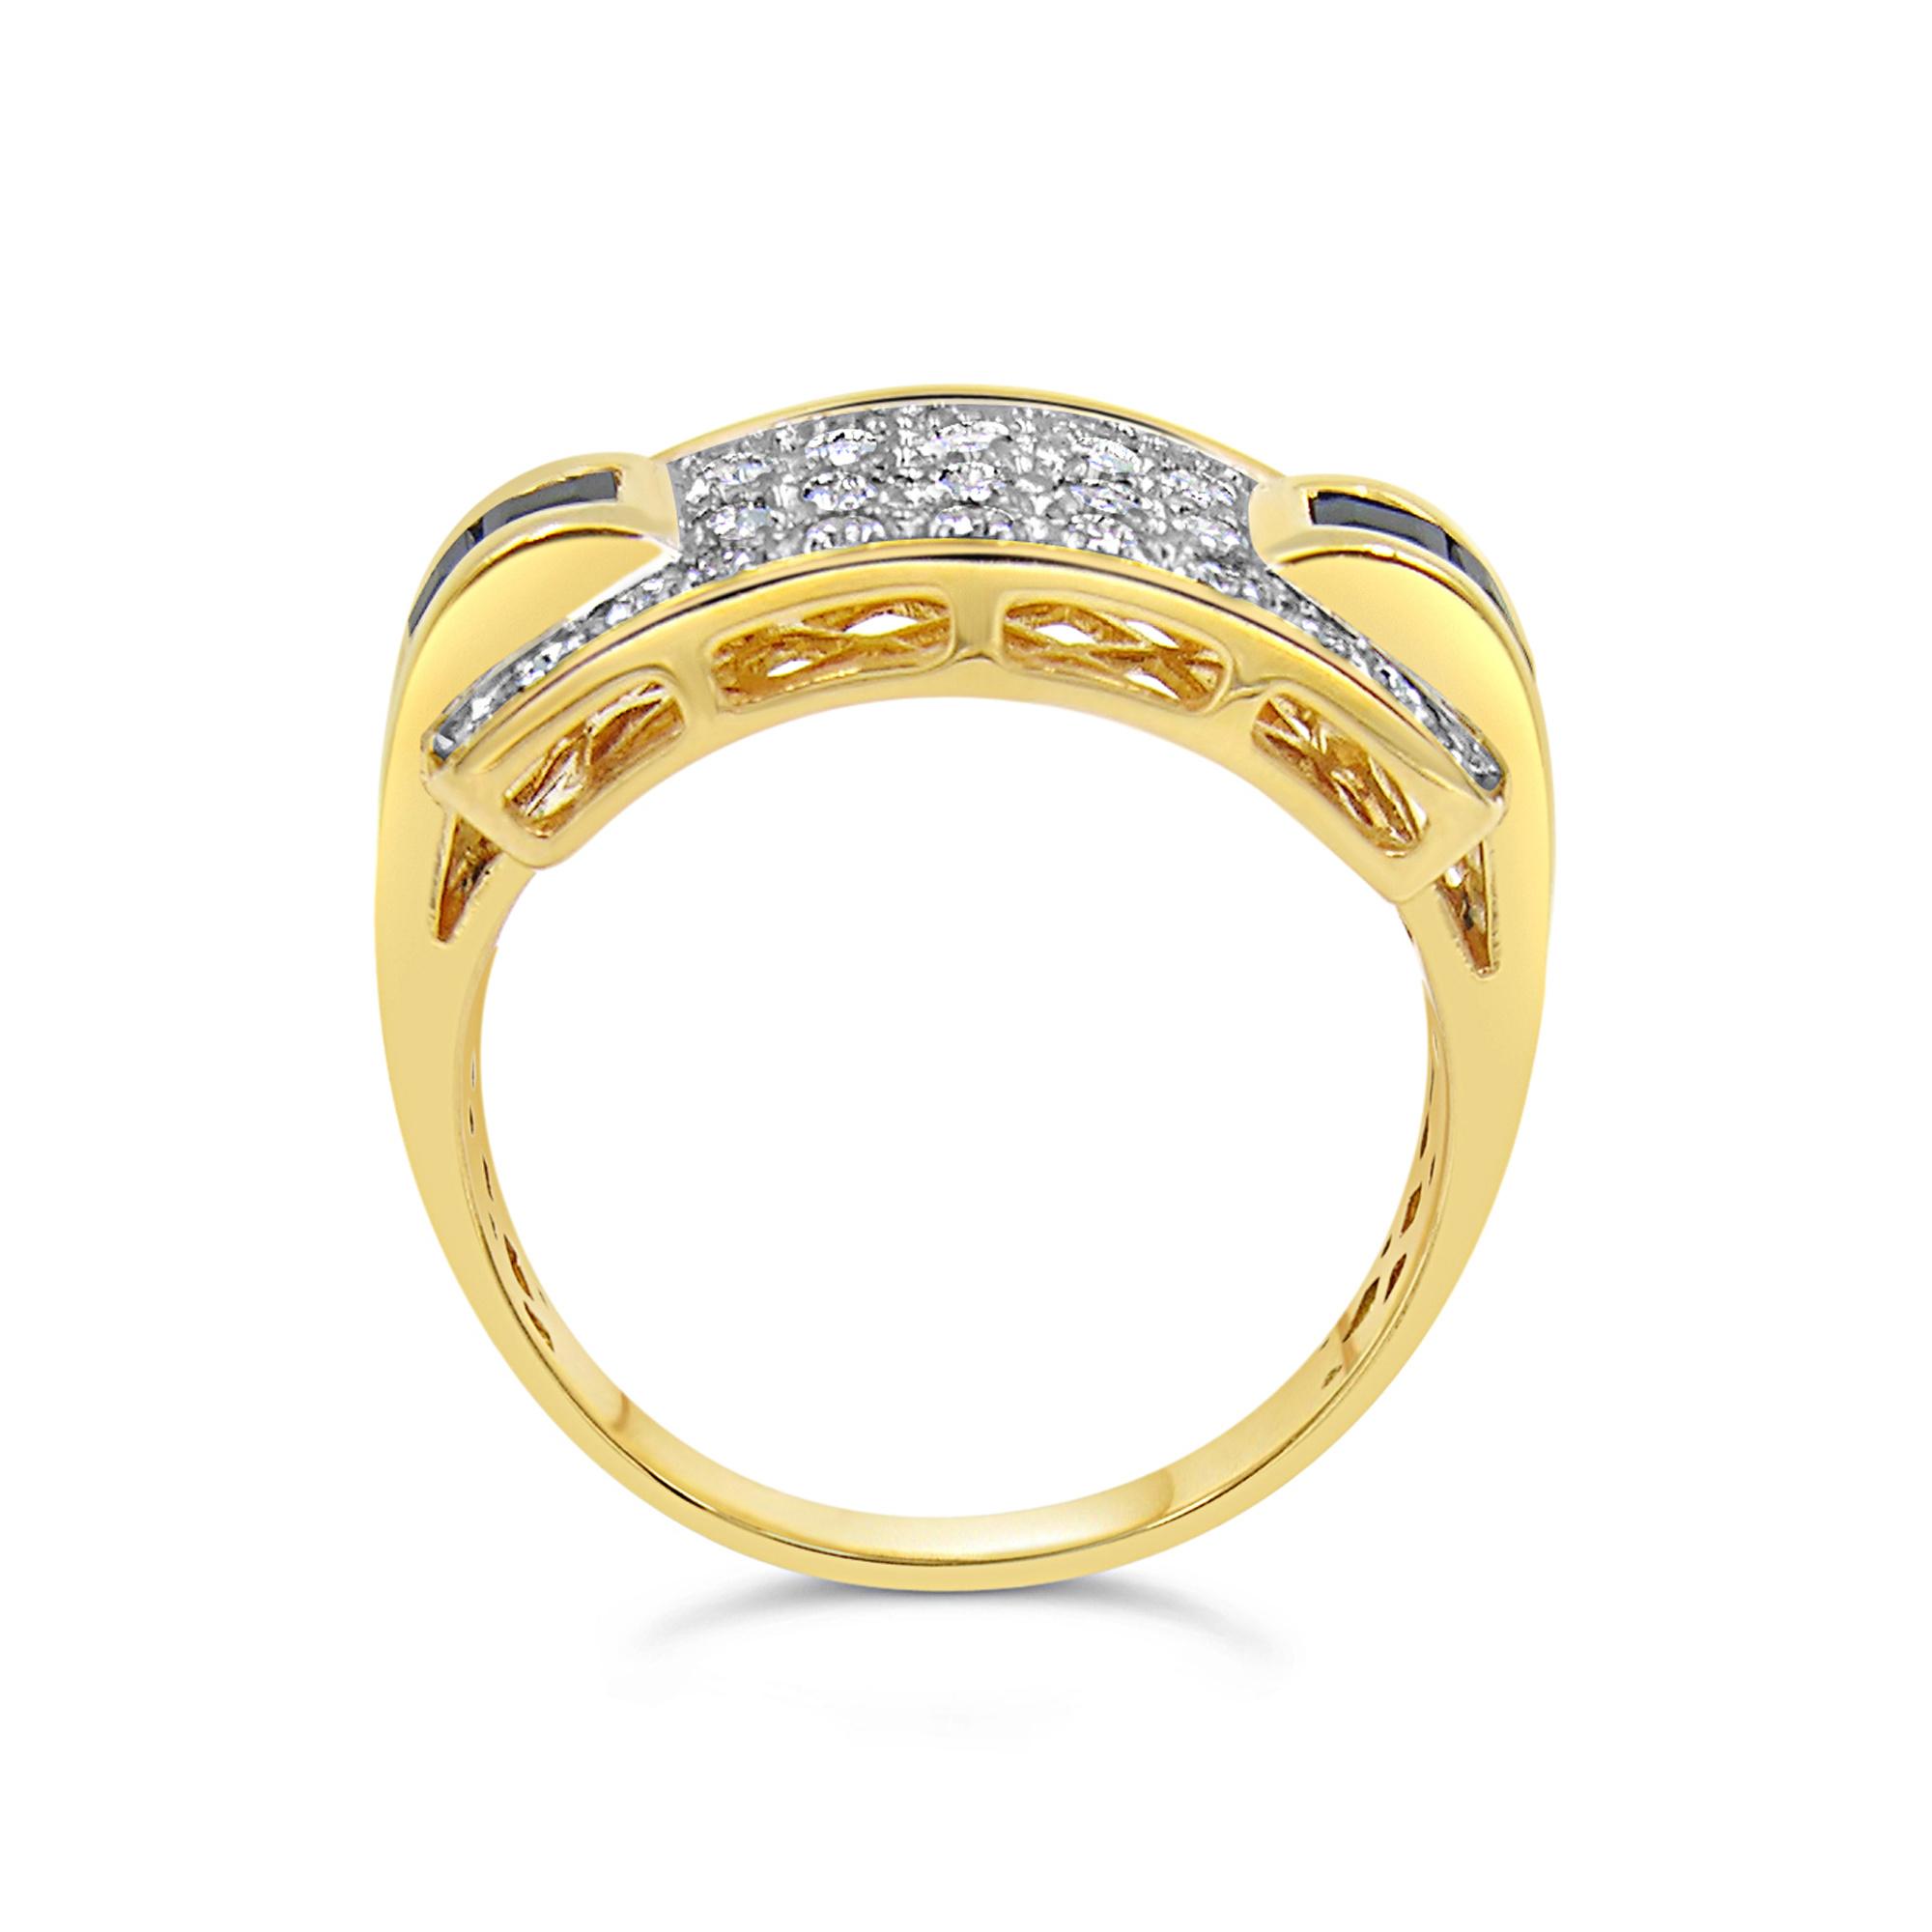 18kt geel en wit goud ring met 0.28 ct diamanten en 0.50 ct saffier